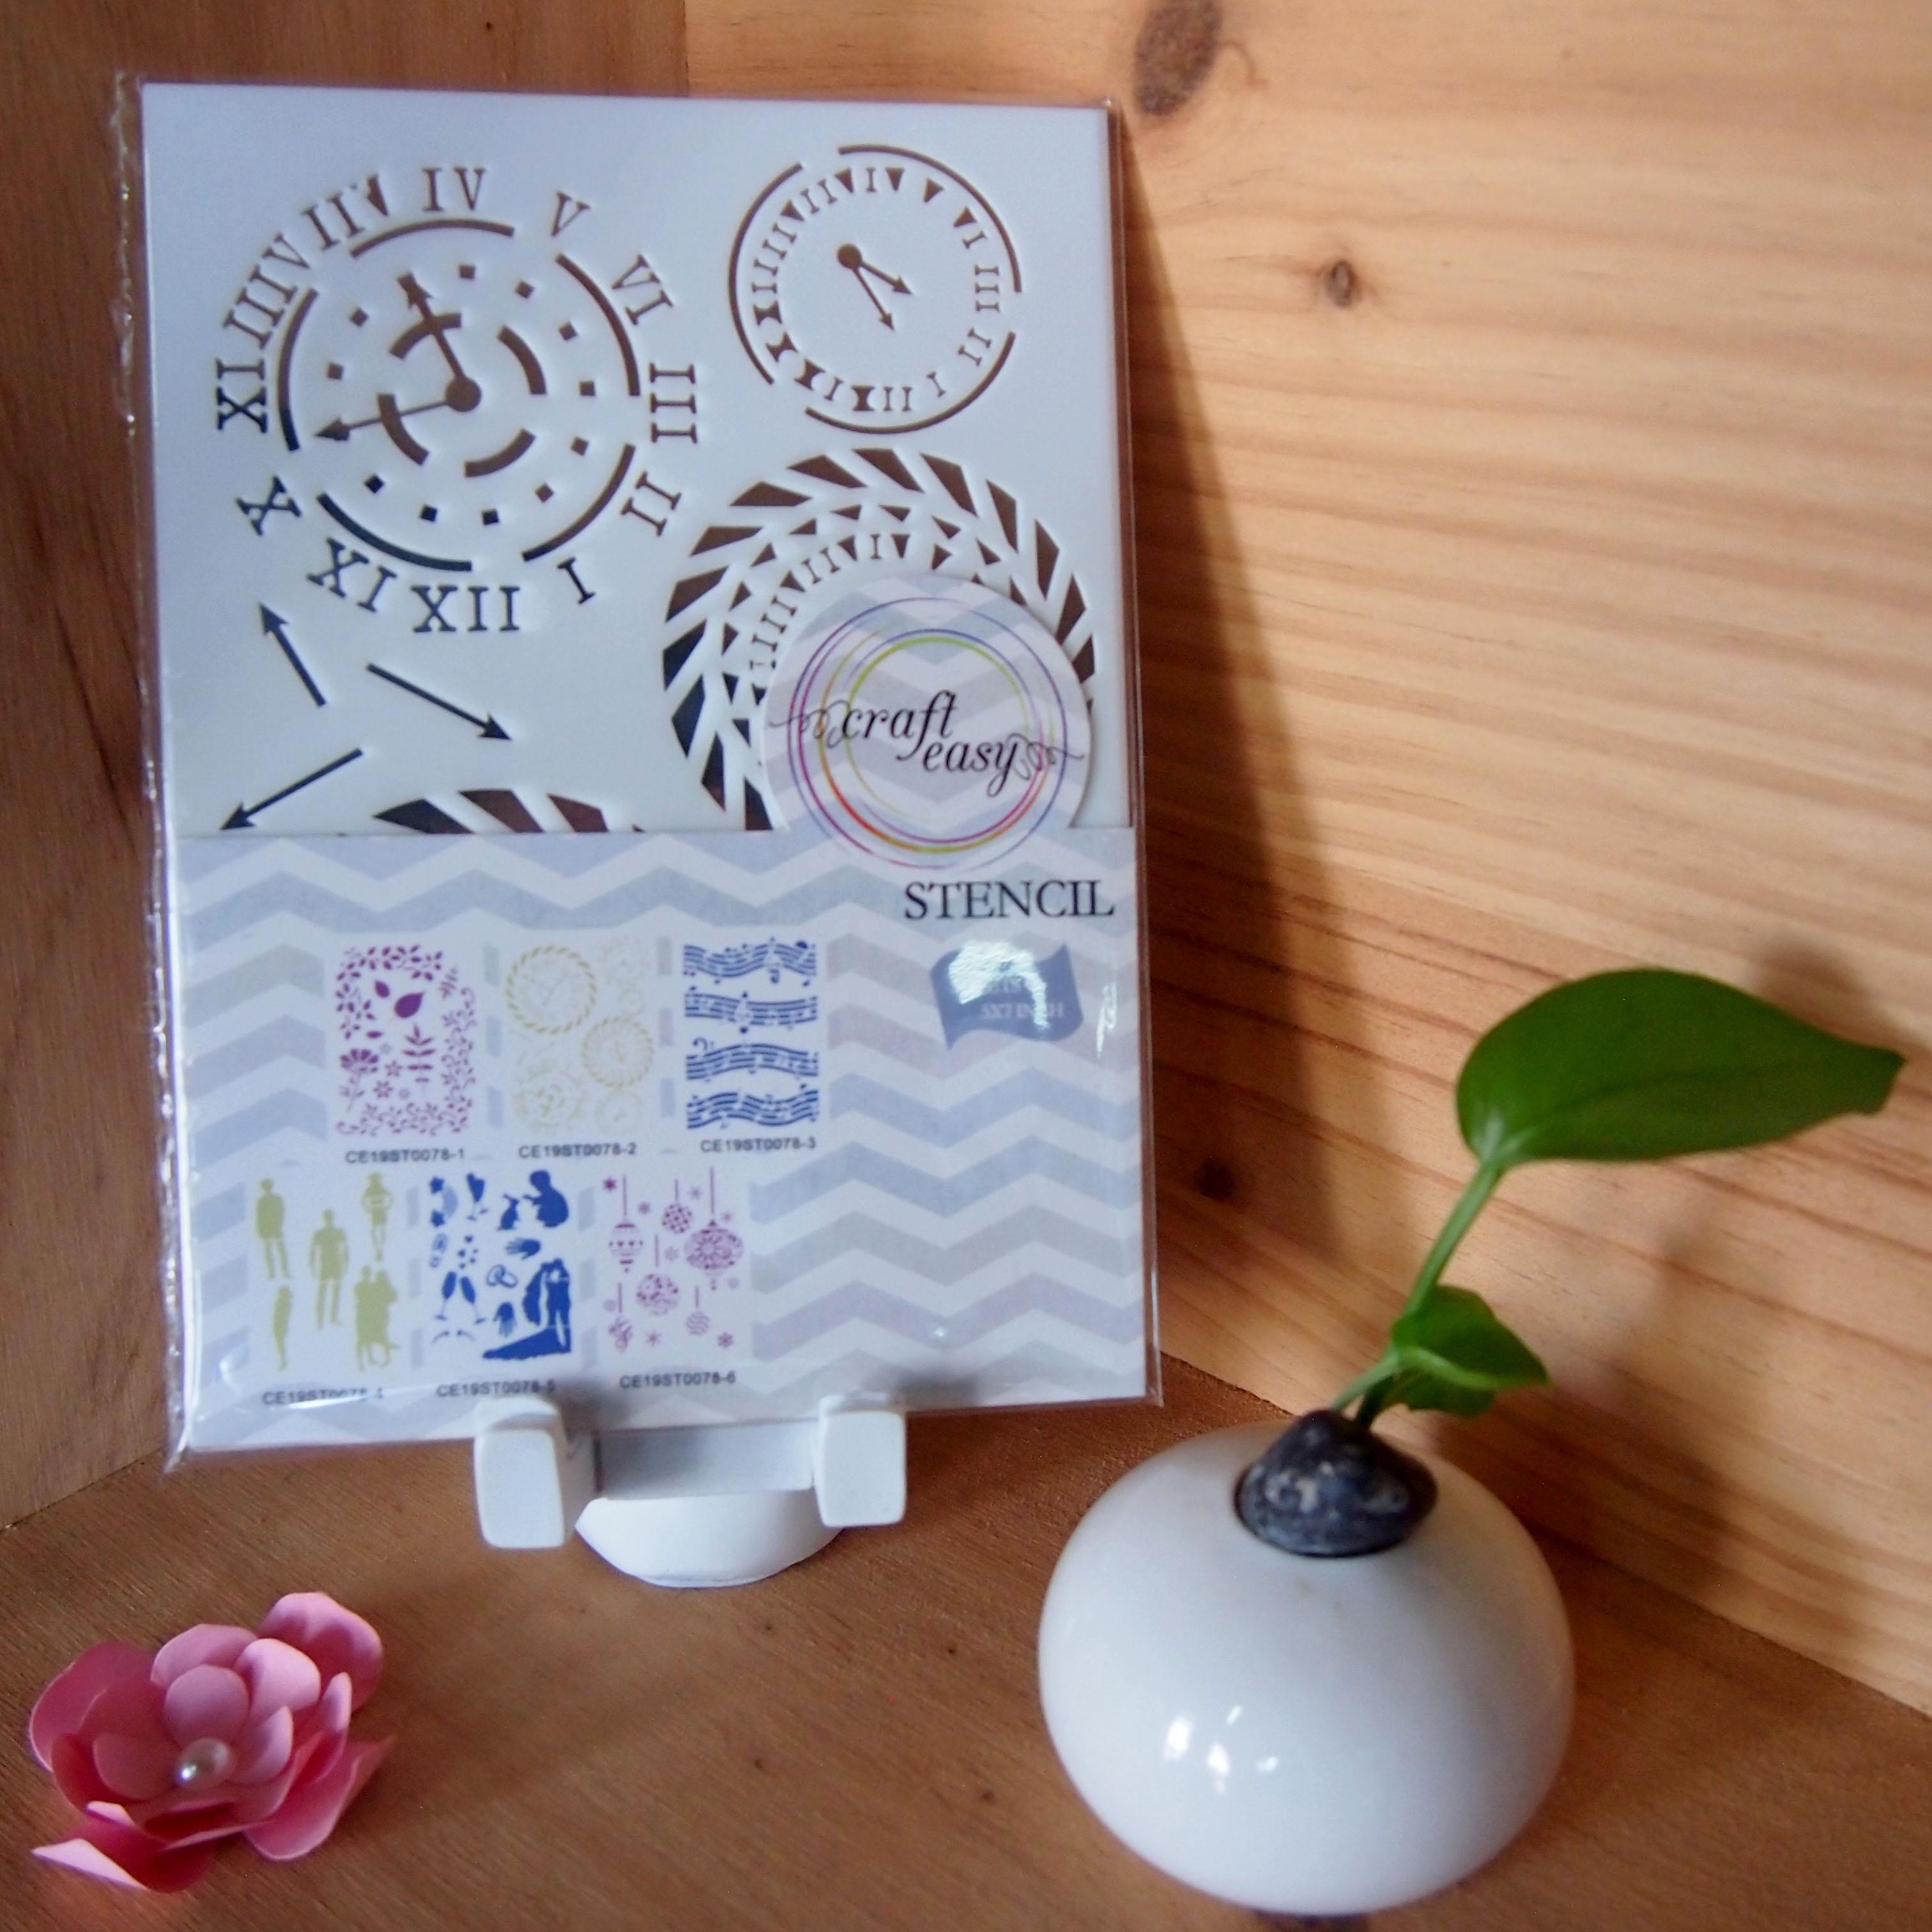 Menjaga Waktu Kustom DIY Kerajinan Cat Semprot Yang Dapat Digunakan Ulang Gambar Dekoratif Stensil Set